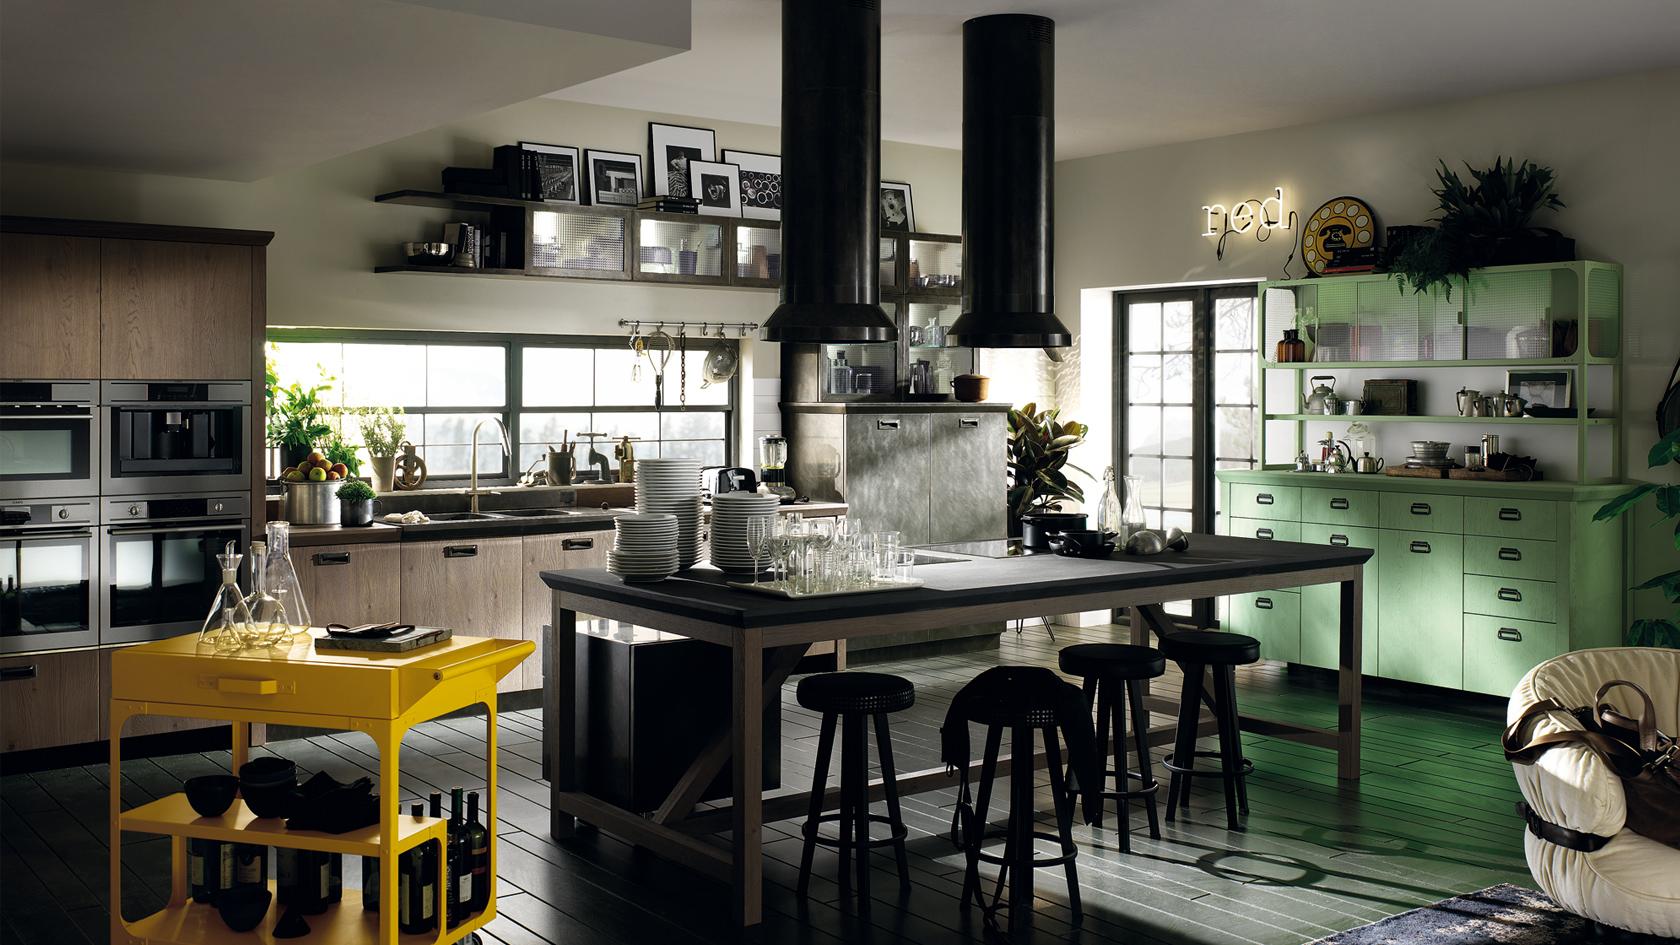 Diesel scavolini progetto cucine social 3 design mon amour for Spinelli arredamenti